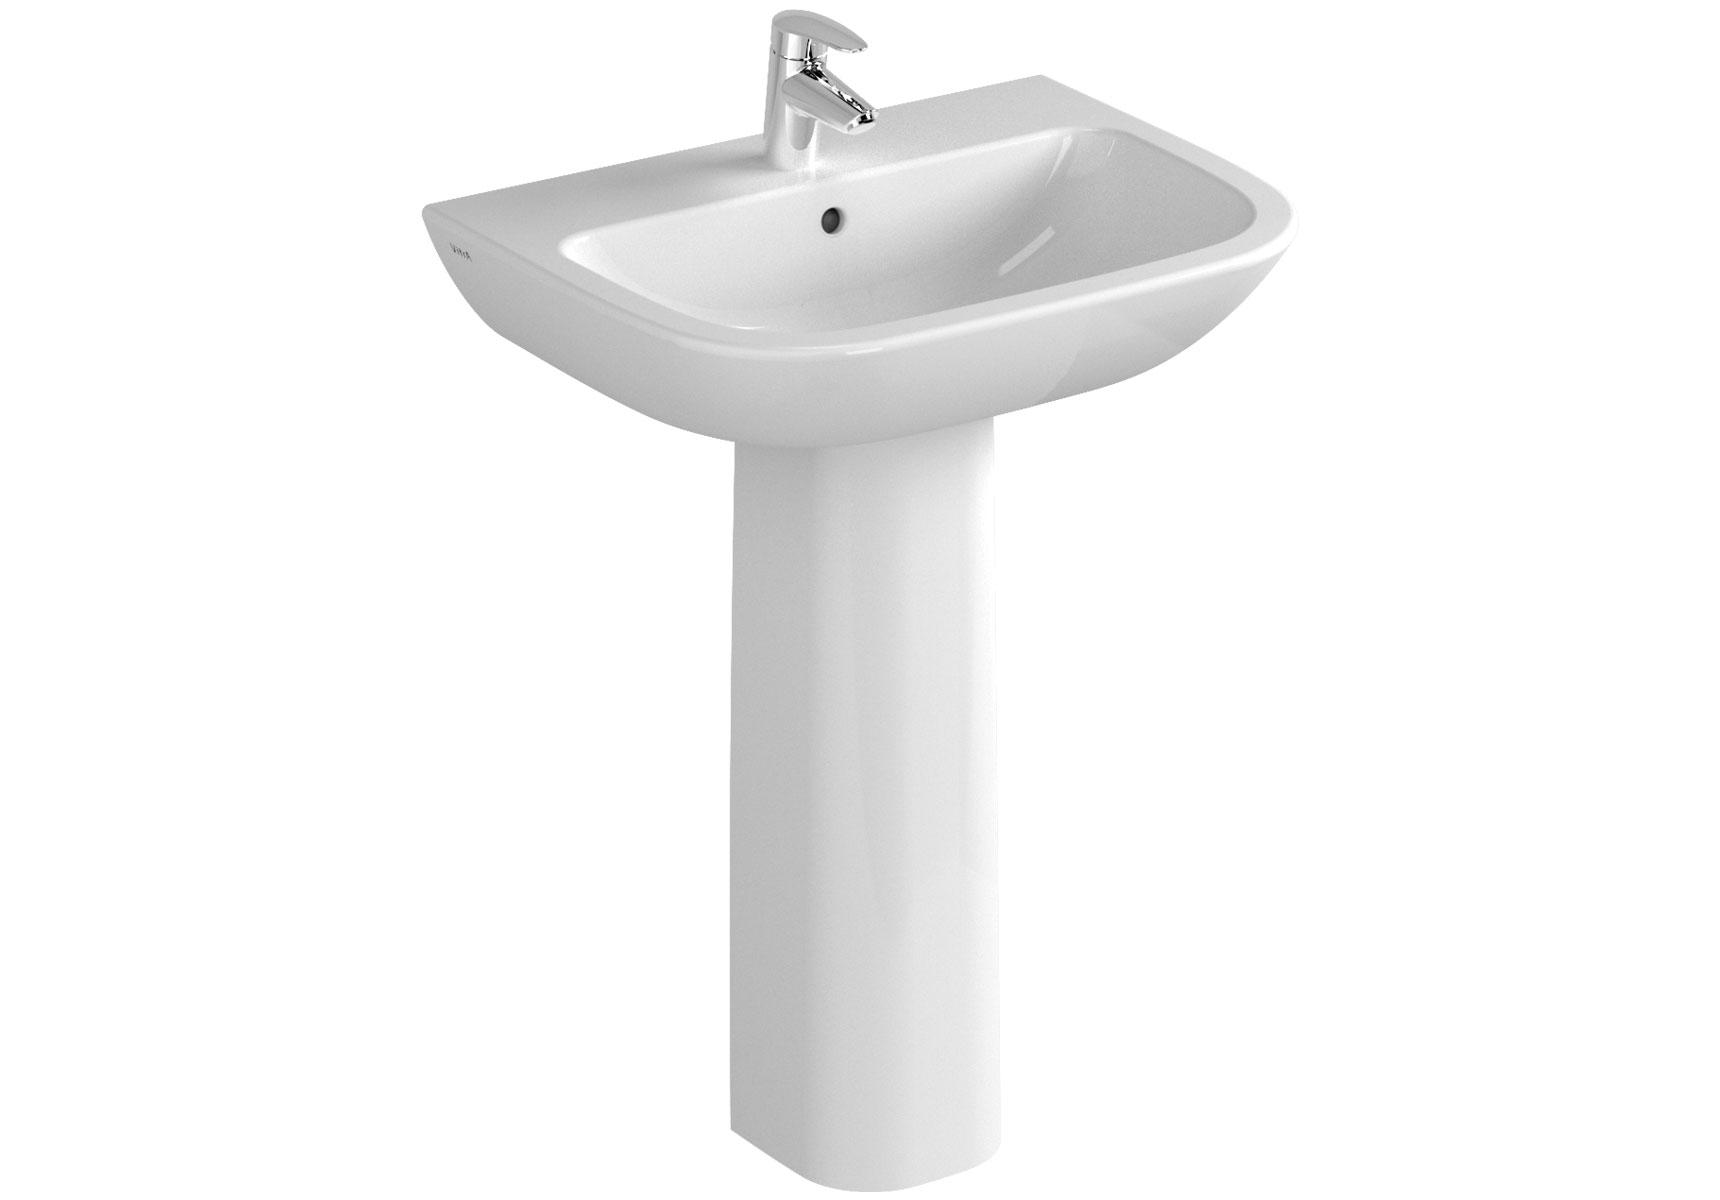 S20 Waschtisch, 60 cm, 1 Hahnloch mittig, mit Überlaufloch, Weiß